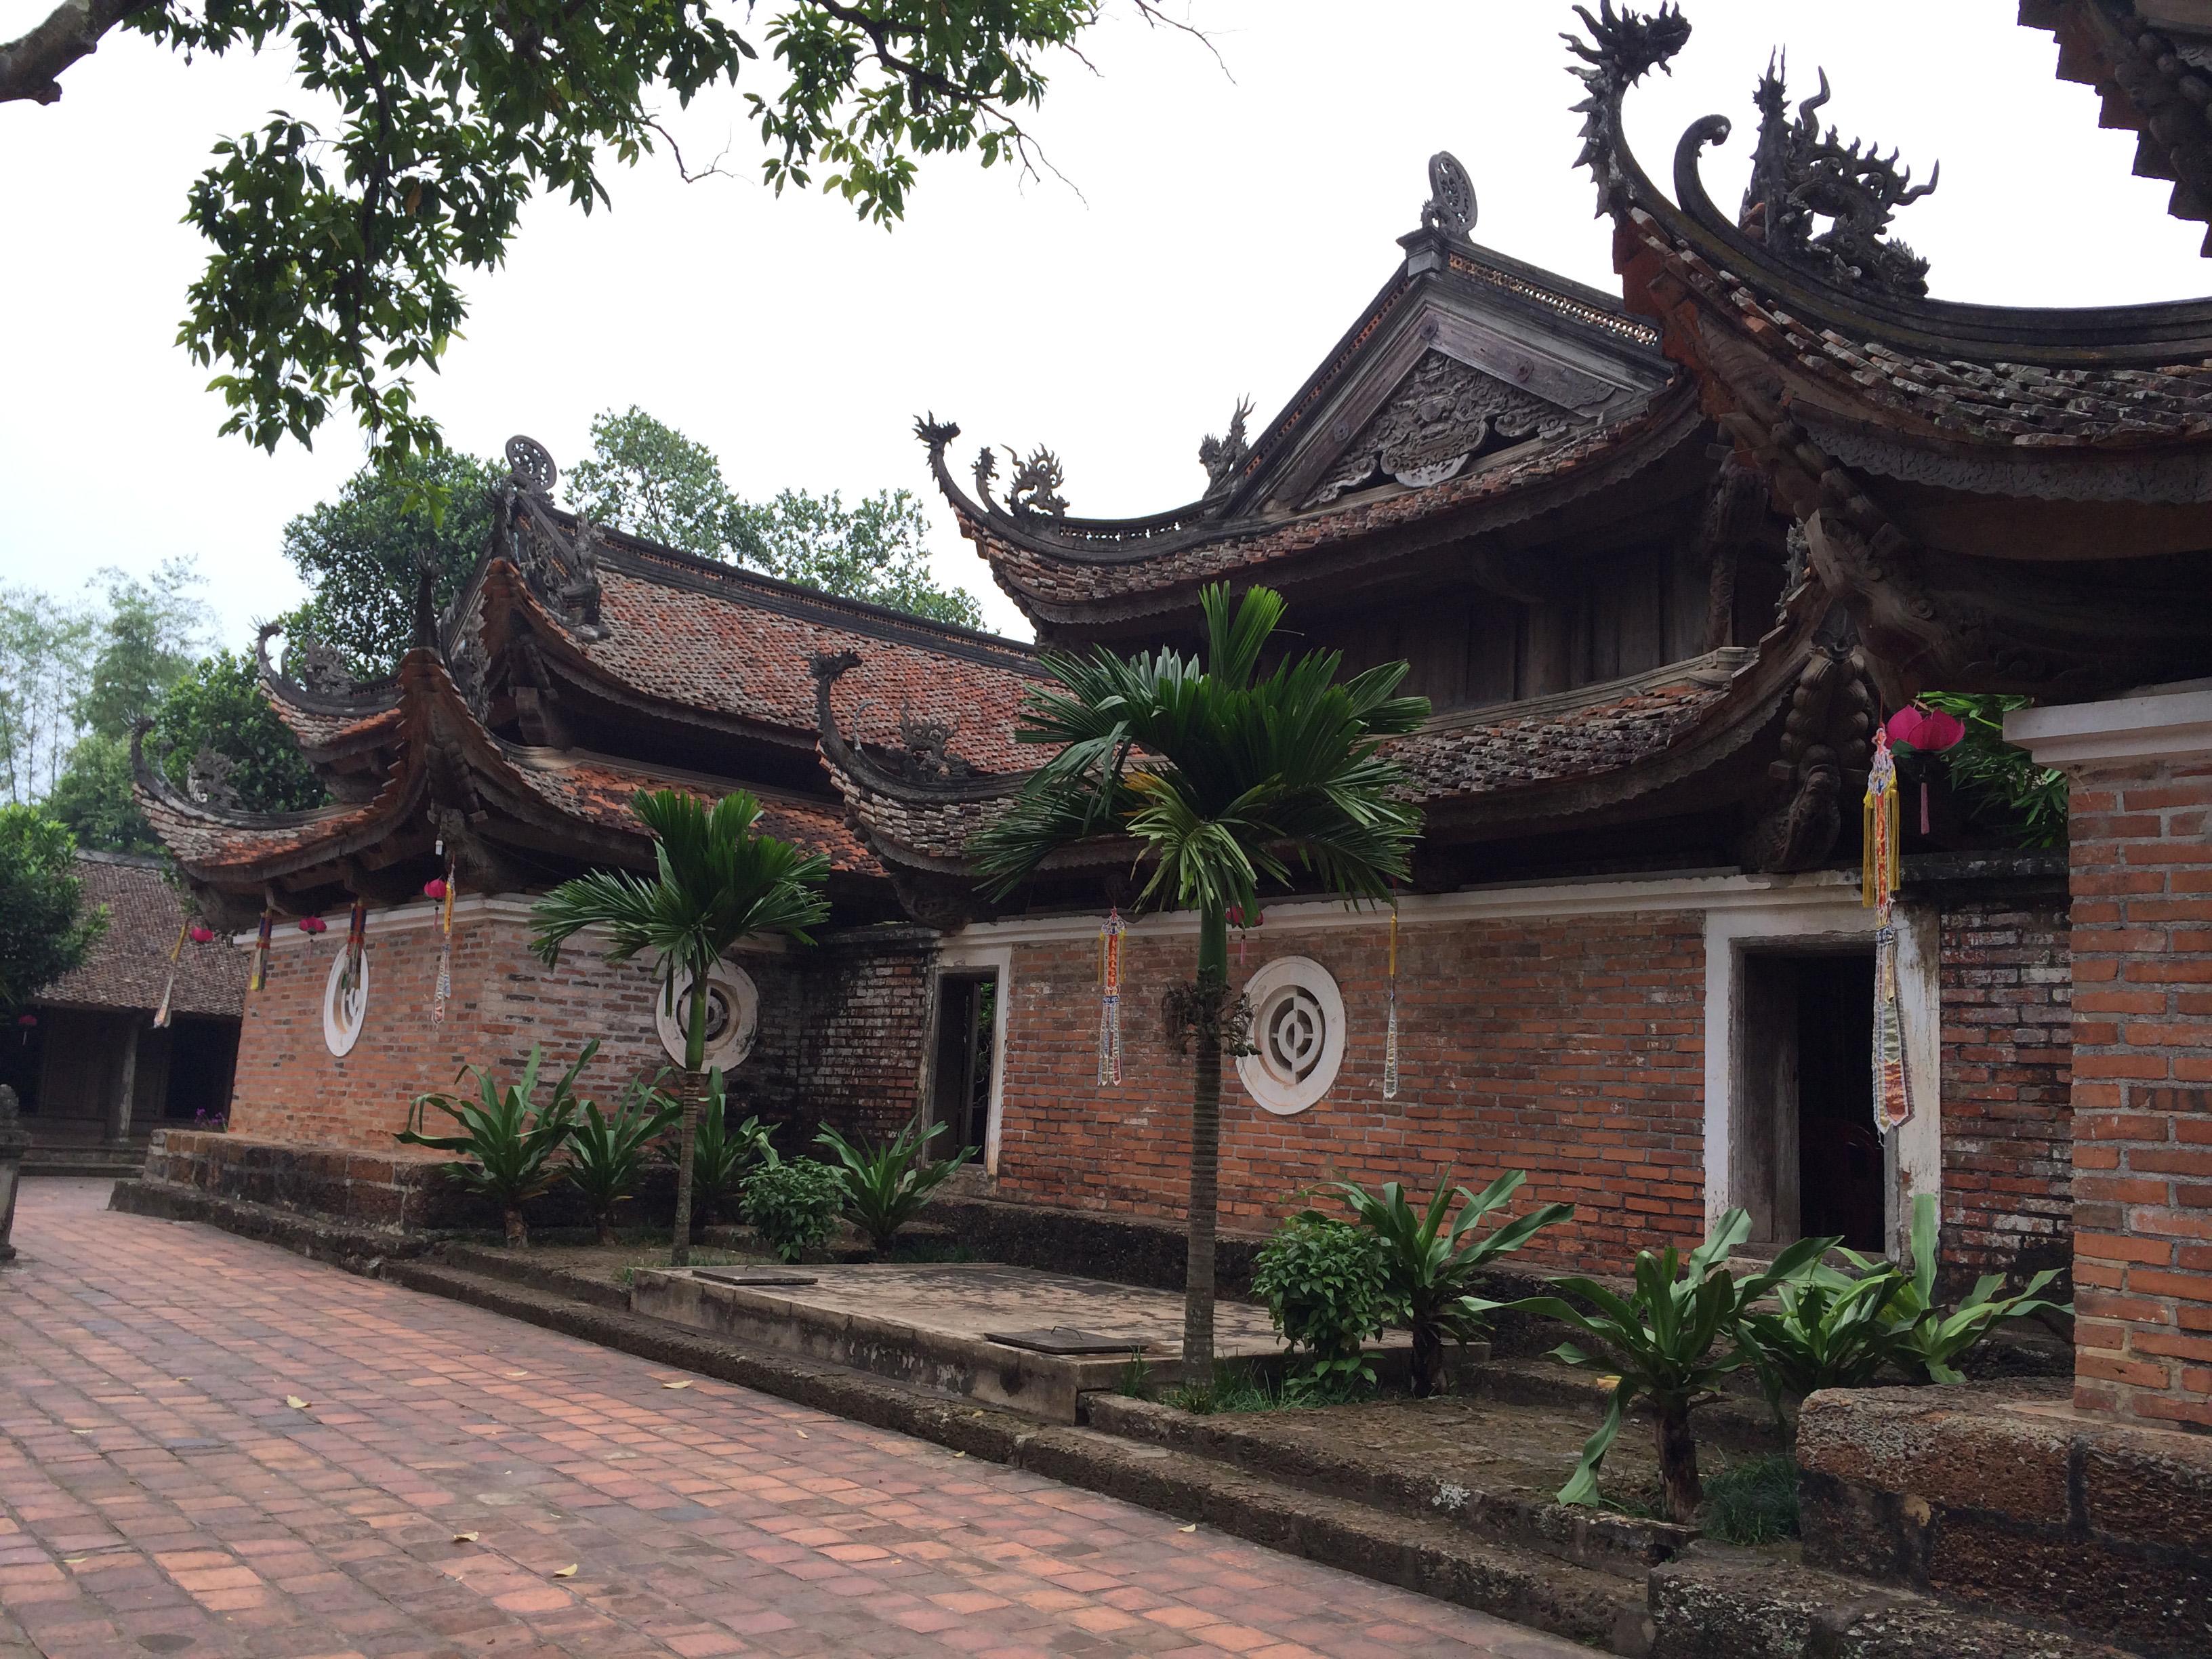 Chùa Tây Phương được ví như một bảo tàng tượng Phật